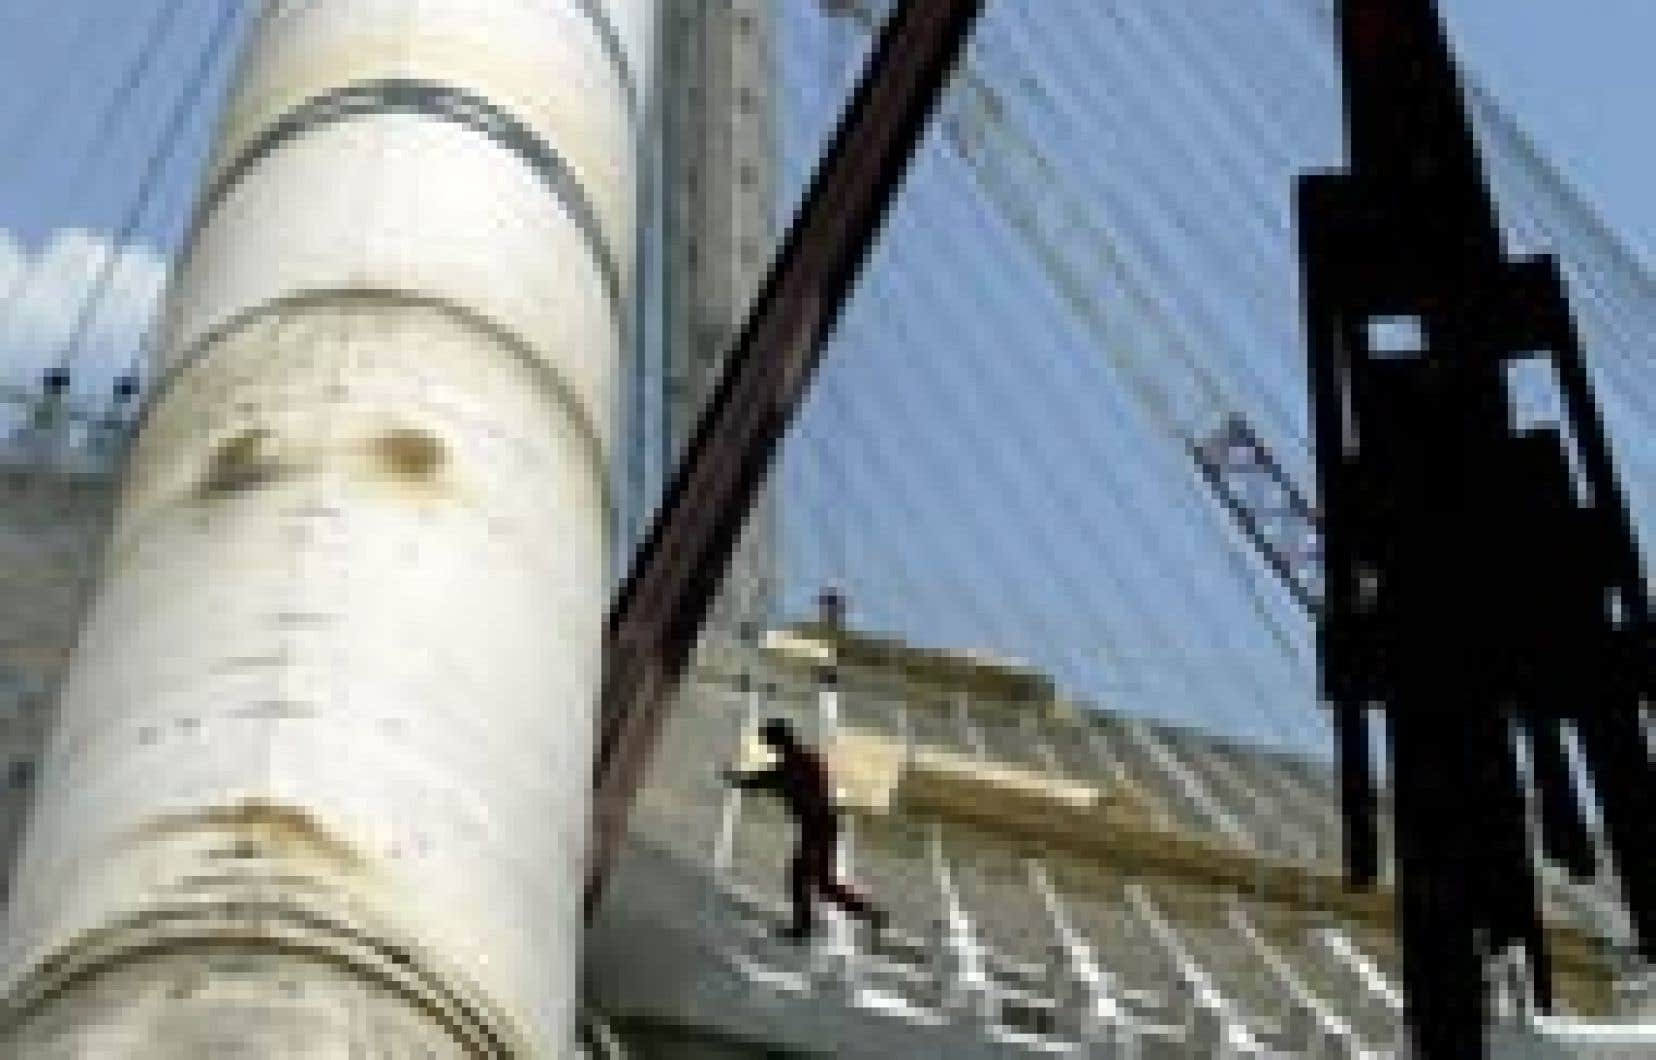 Un ouvrier arpentait hier l'immense structure qui coiffera le stade olympique d'Athènes.